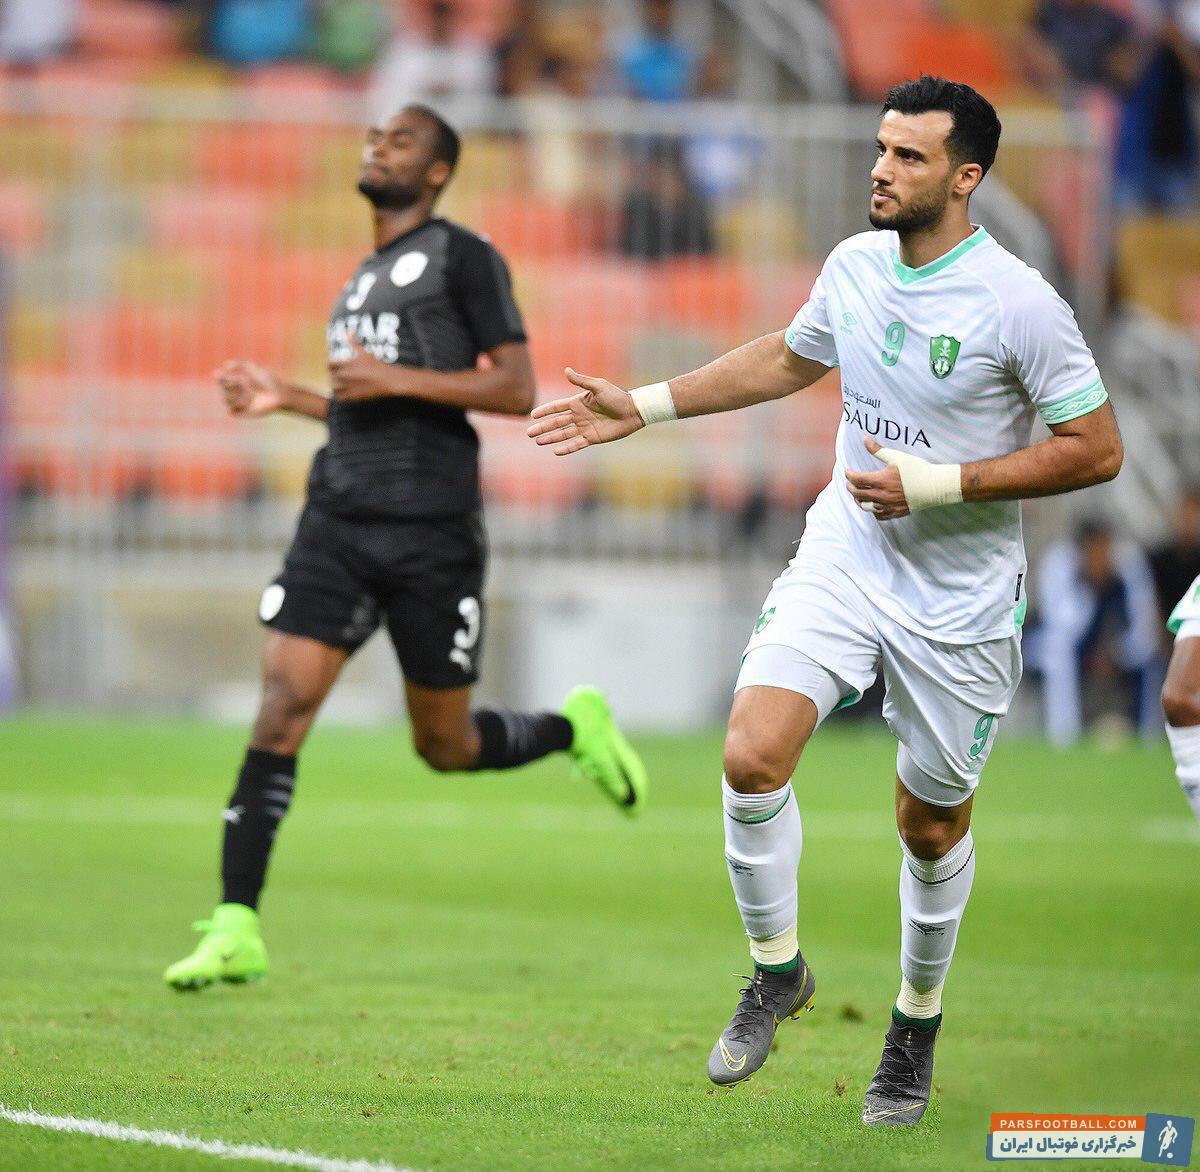 عمر السوما چند روز بعد از گل زیبا در دربی جده مقابل الاتحاد در مصاف با السد هم دو بار گلزنی کرد تا نه تنها آمادگی اش را به رخ تمام تیم های آسیایی بکشد.